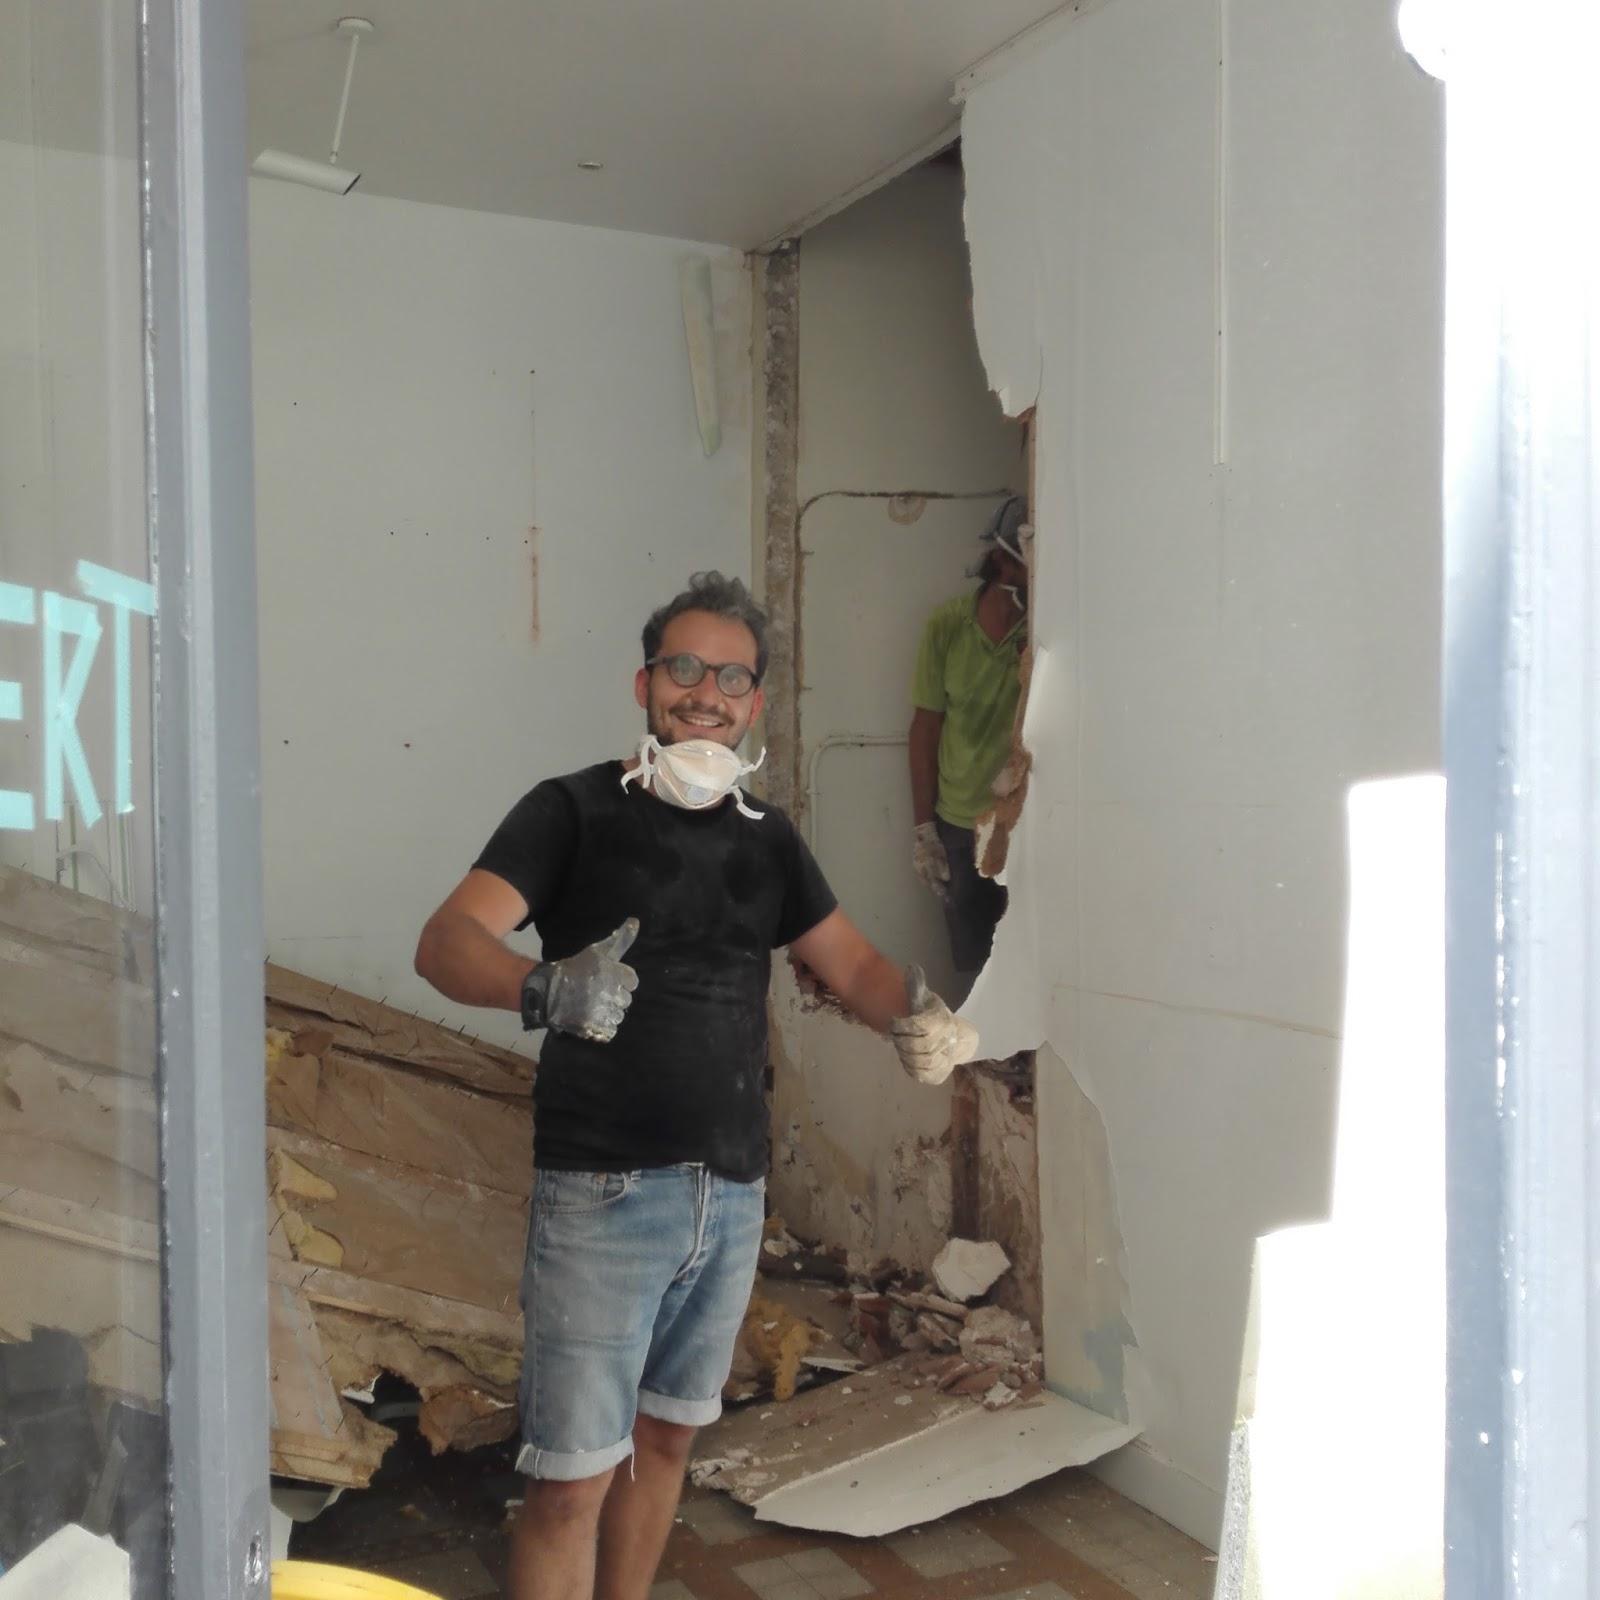 Le blog de balibert on a pouss les murs - Comment casser un mur ...